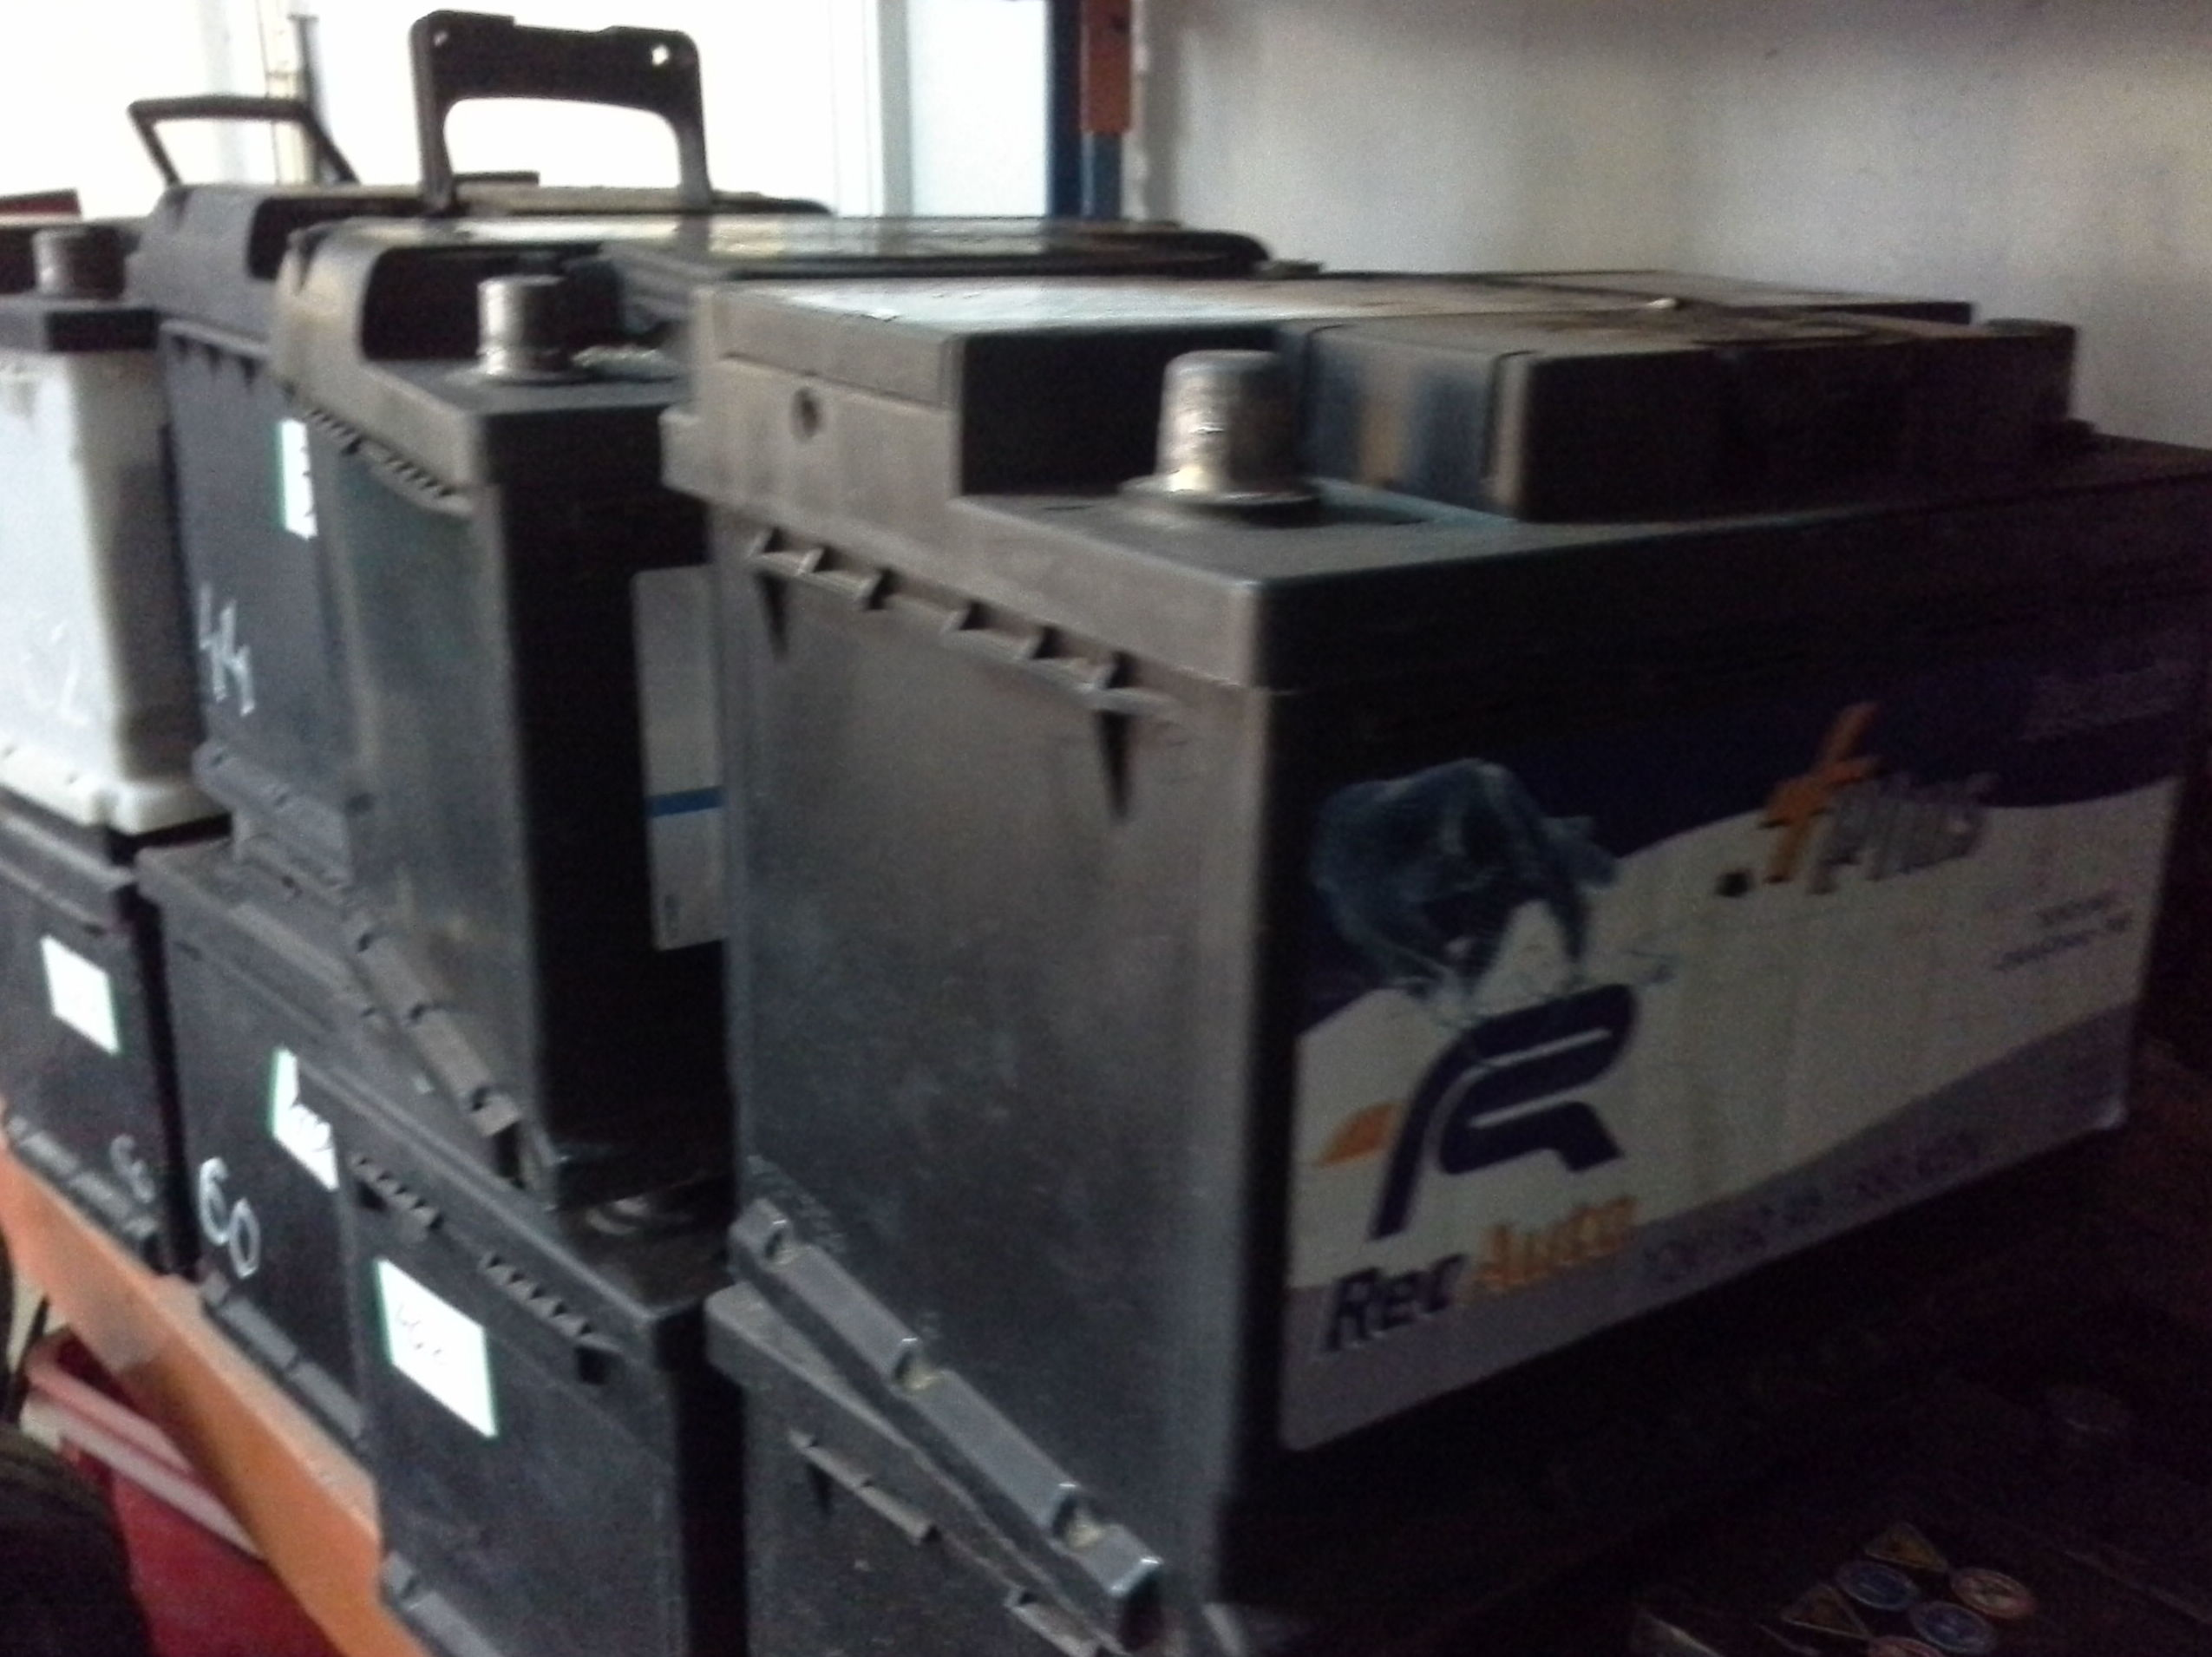 venta de baterias usadas en albacete. desguaces clemente